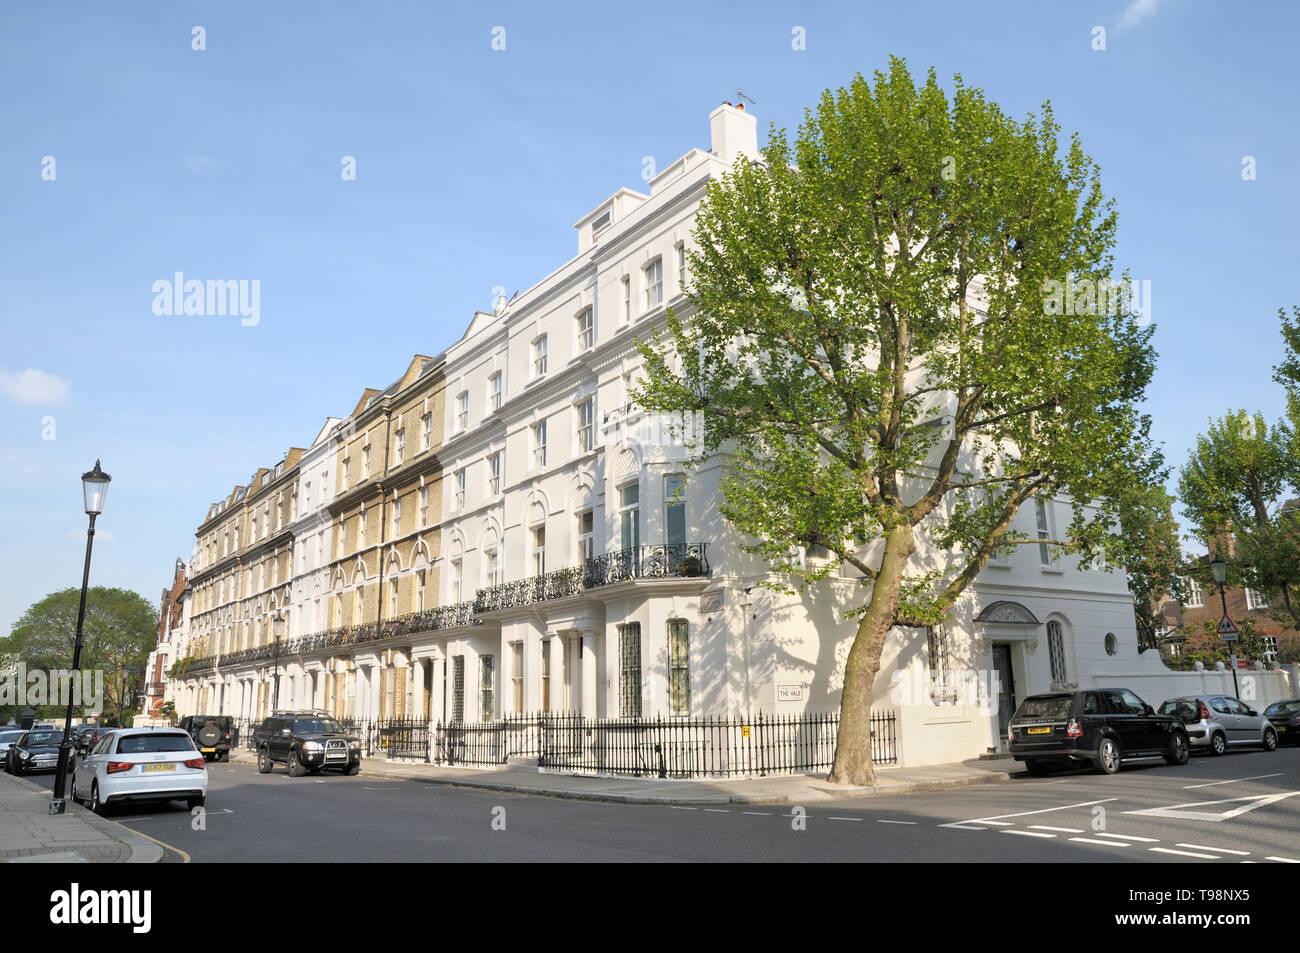 L'architecture d'époque à la jonction de la rue résidentielle de Elm Park Road et de la Vale, Chelsea, London SW3, England, UK Photo Stock